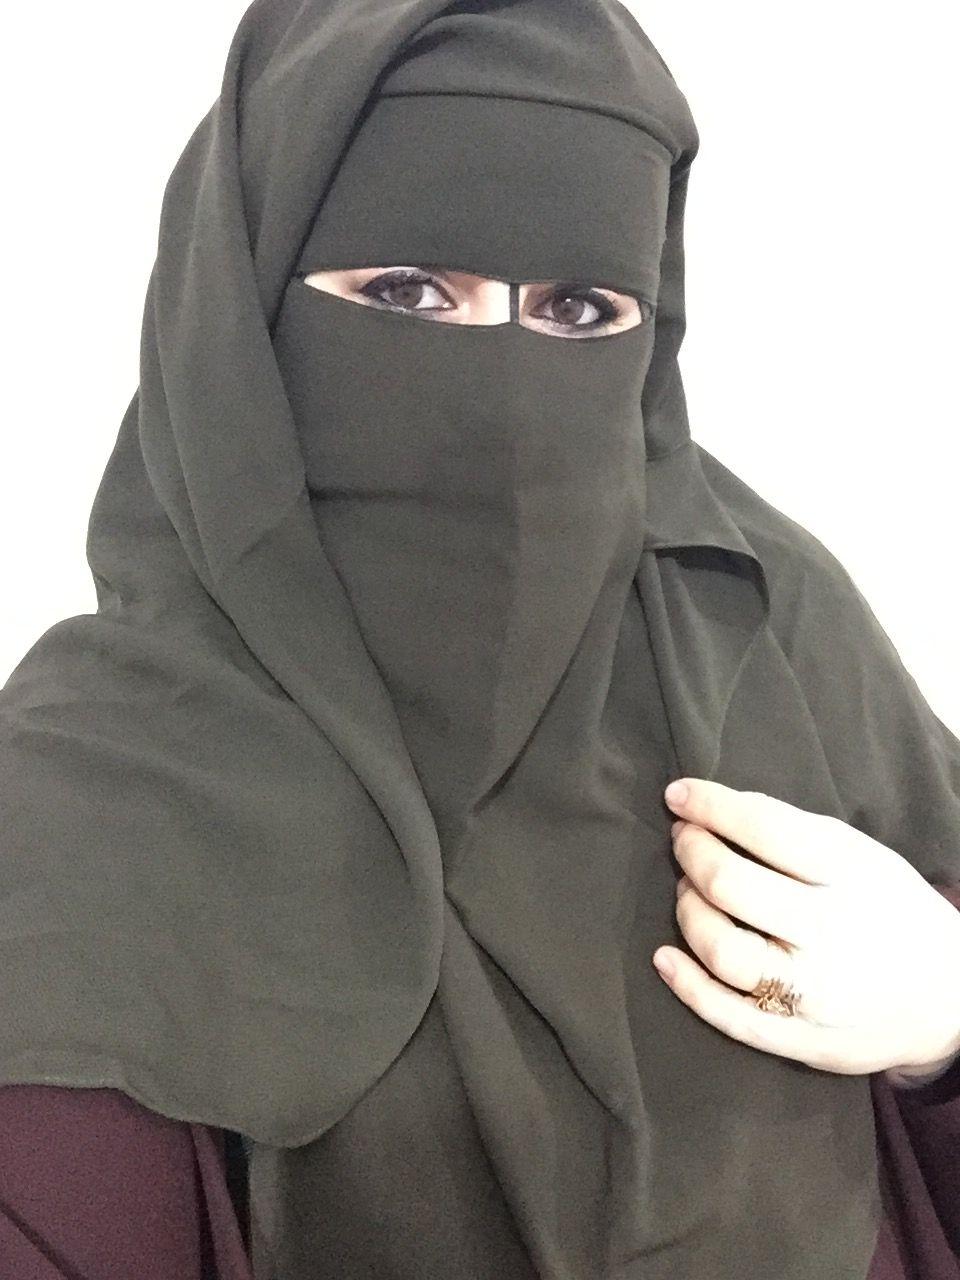 Pin By Chris Glove On Niqab In 2020 Arab Girls Hijab Arab Girls Beautiful Hijab